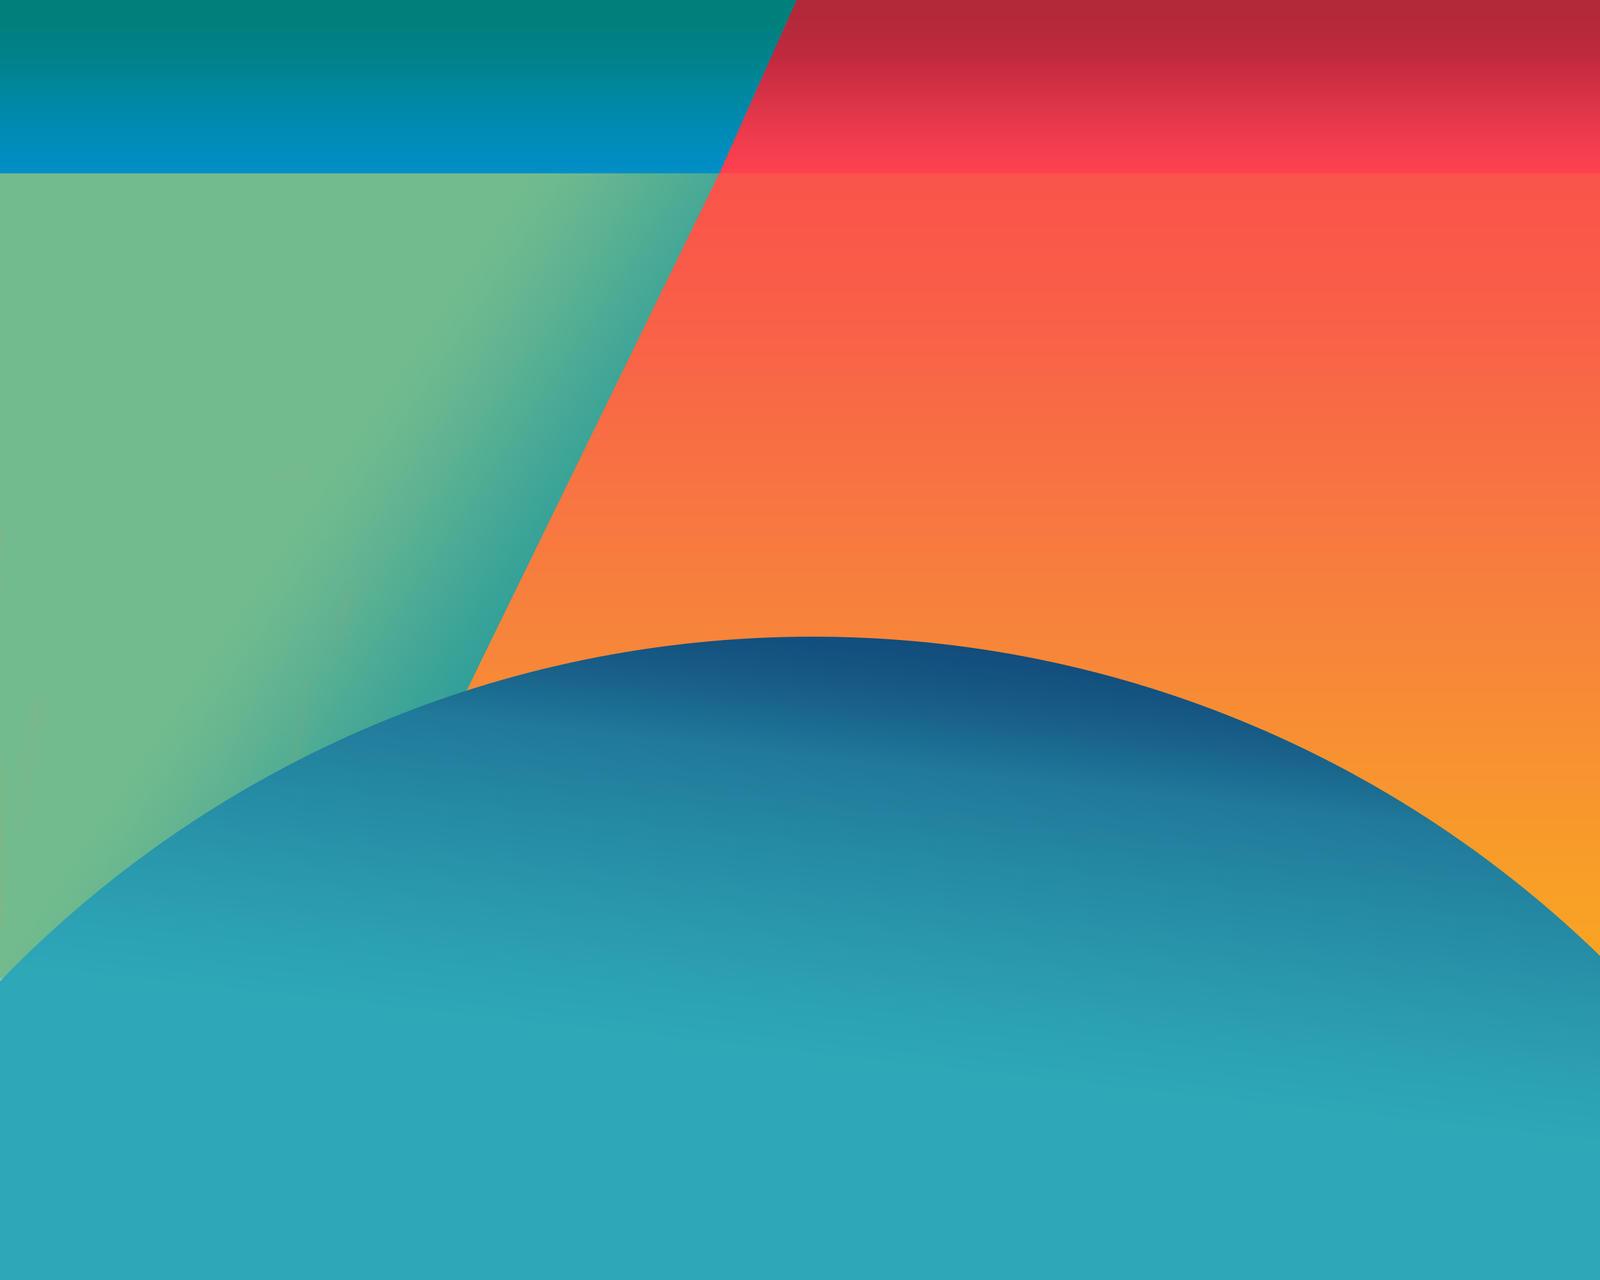 Nexus 5 Wallpaper By Kxrider369